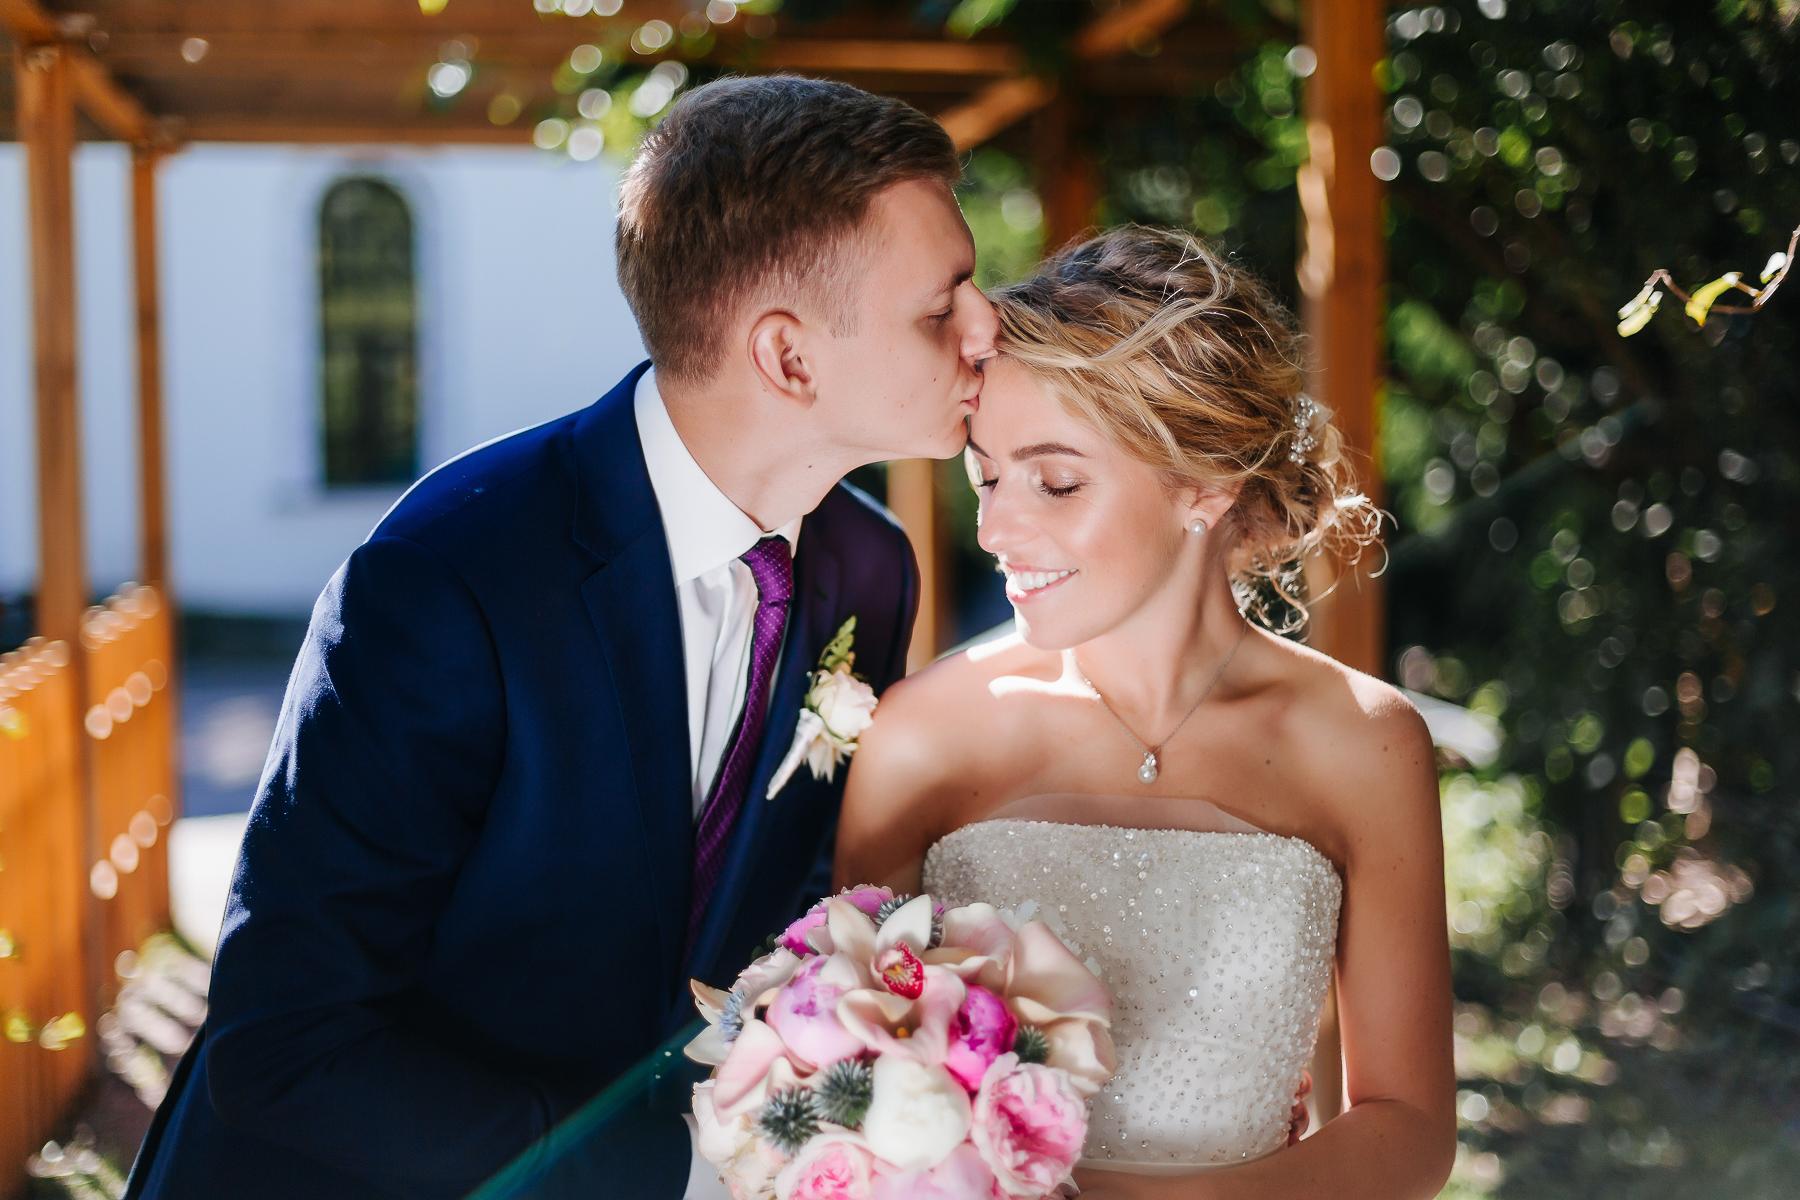 форму нанять фотографа на свадьбу в спб временем будет